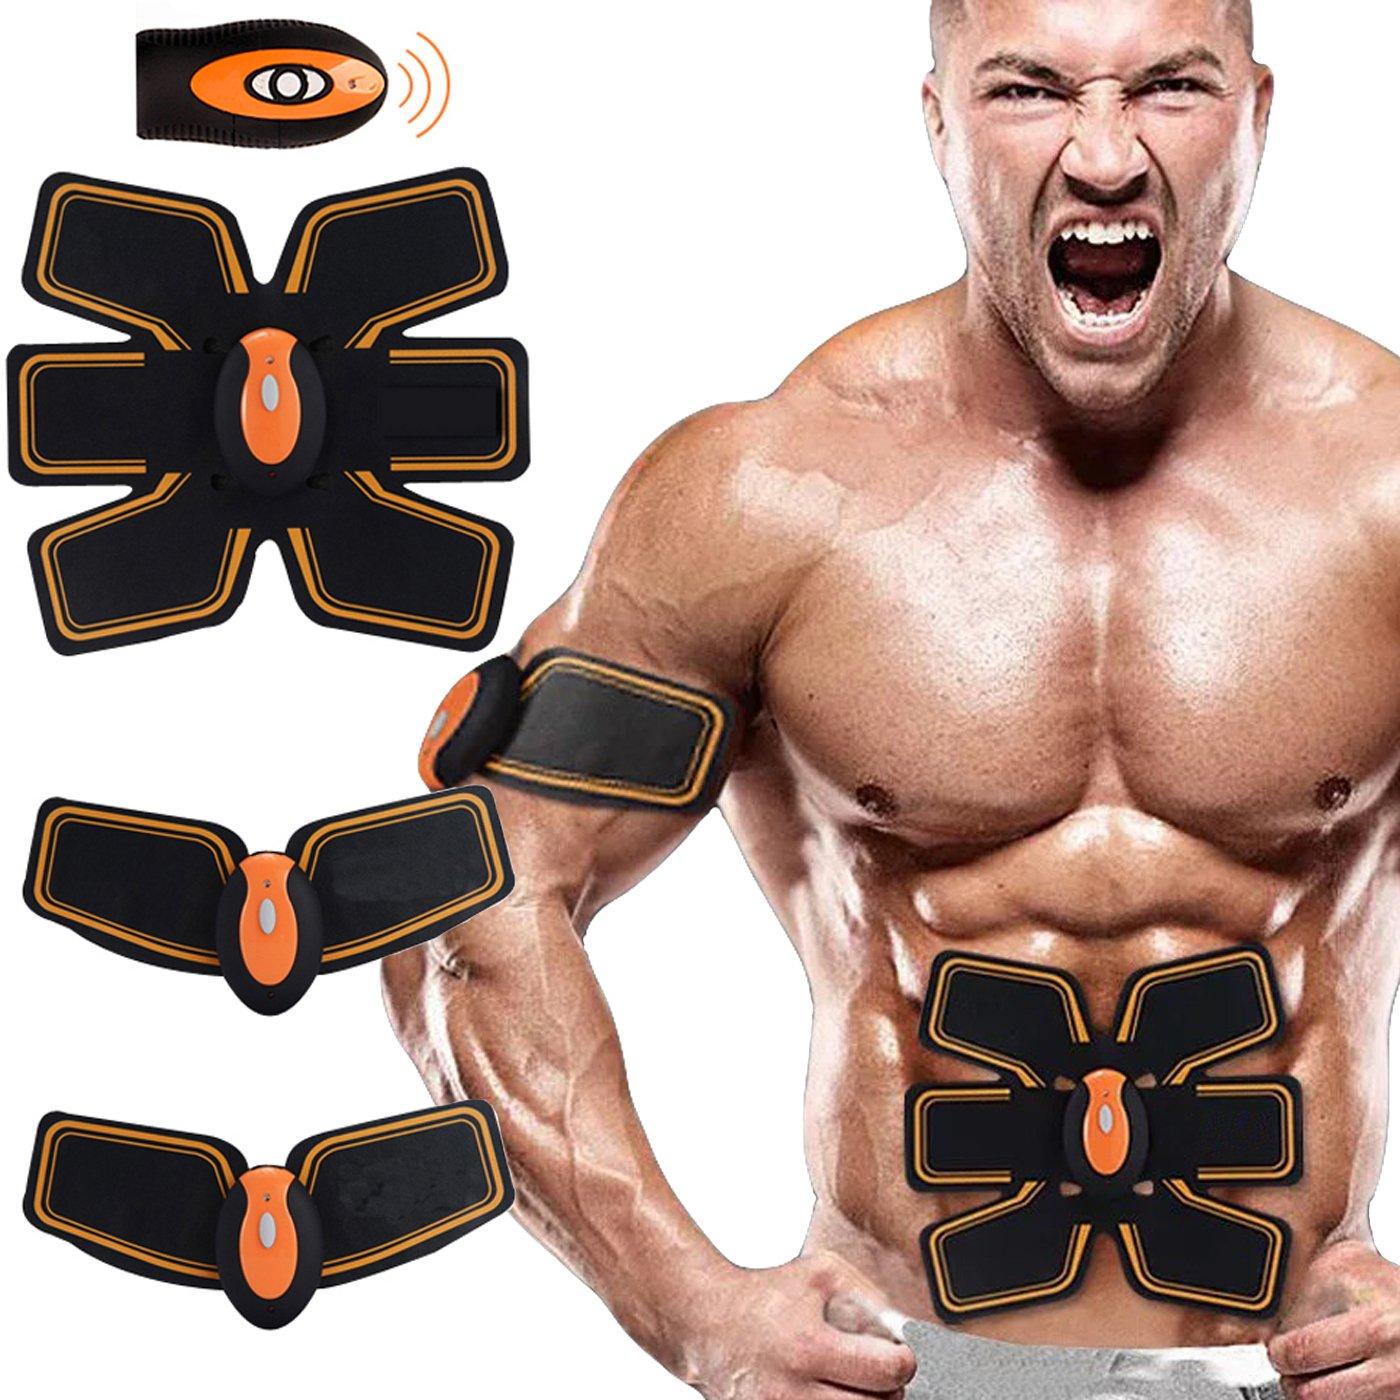 Buydaly el toner abdominal del músculo, engranaje de entrenamiento del ABS, sistema electrónico del músculo para el abdomen y el brazo, sin hilos, equipo del entrenamiento del hogar/de la oficina